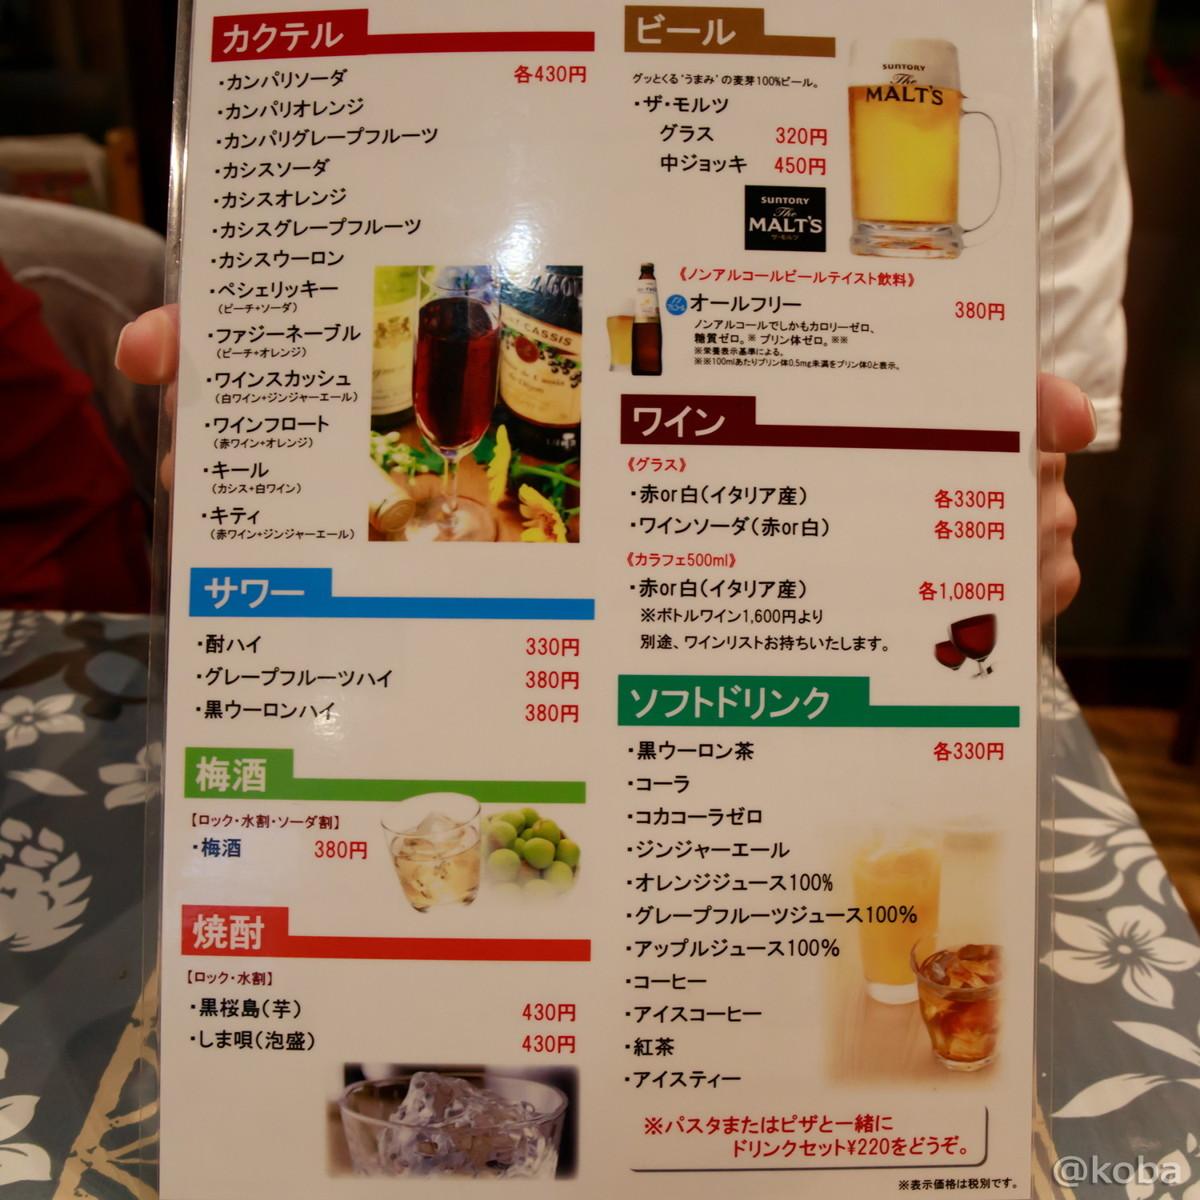 飲み物メニュー 値段 _千葉県 鎌ヶ谷 Coca(コカ・koka こか) 生パスタ 手づくりピザ イタリアン #生パスタcoca